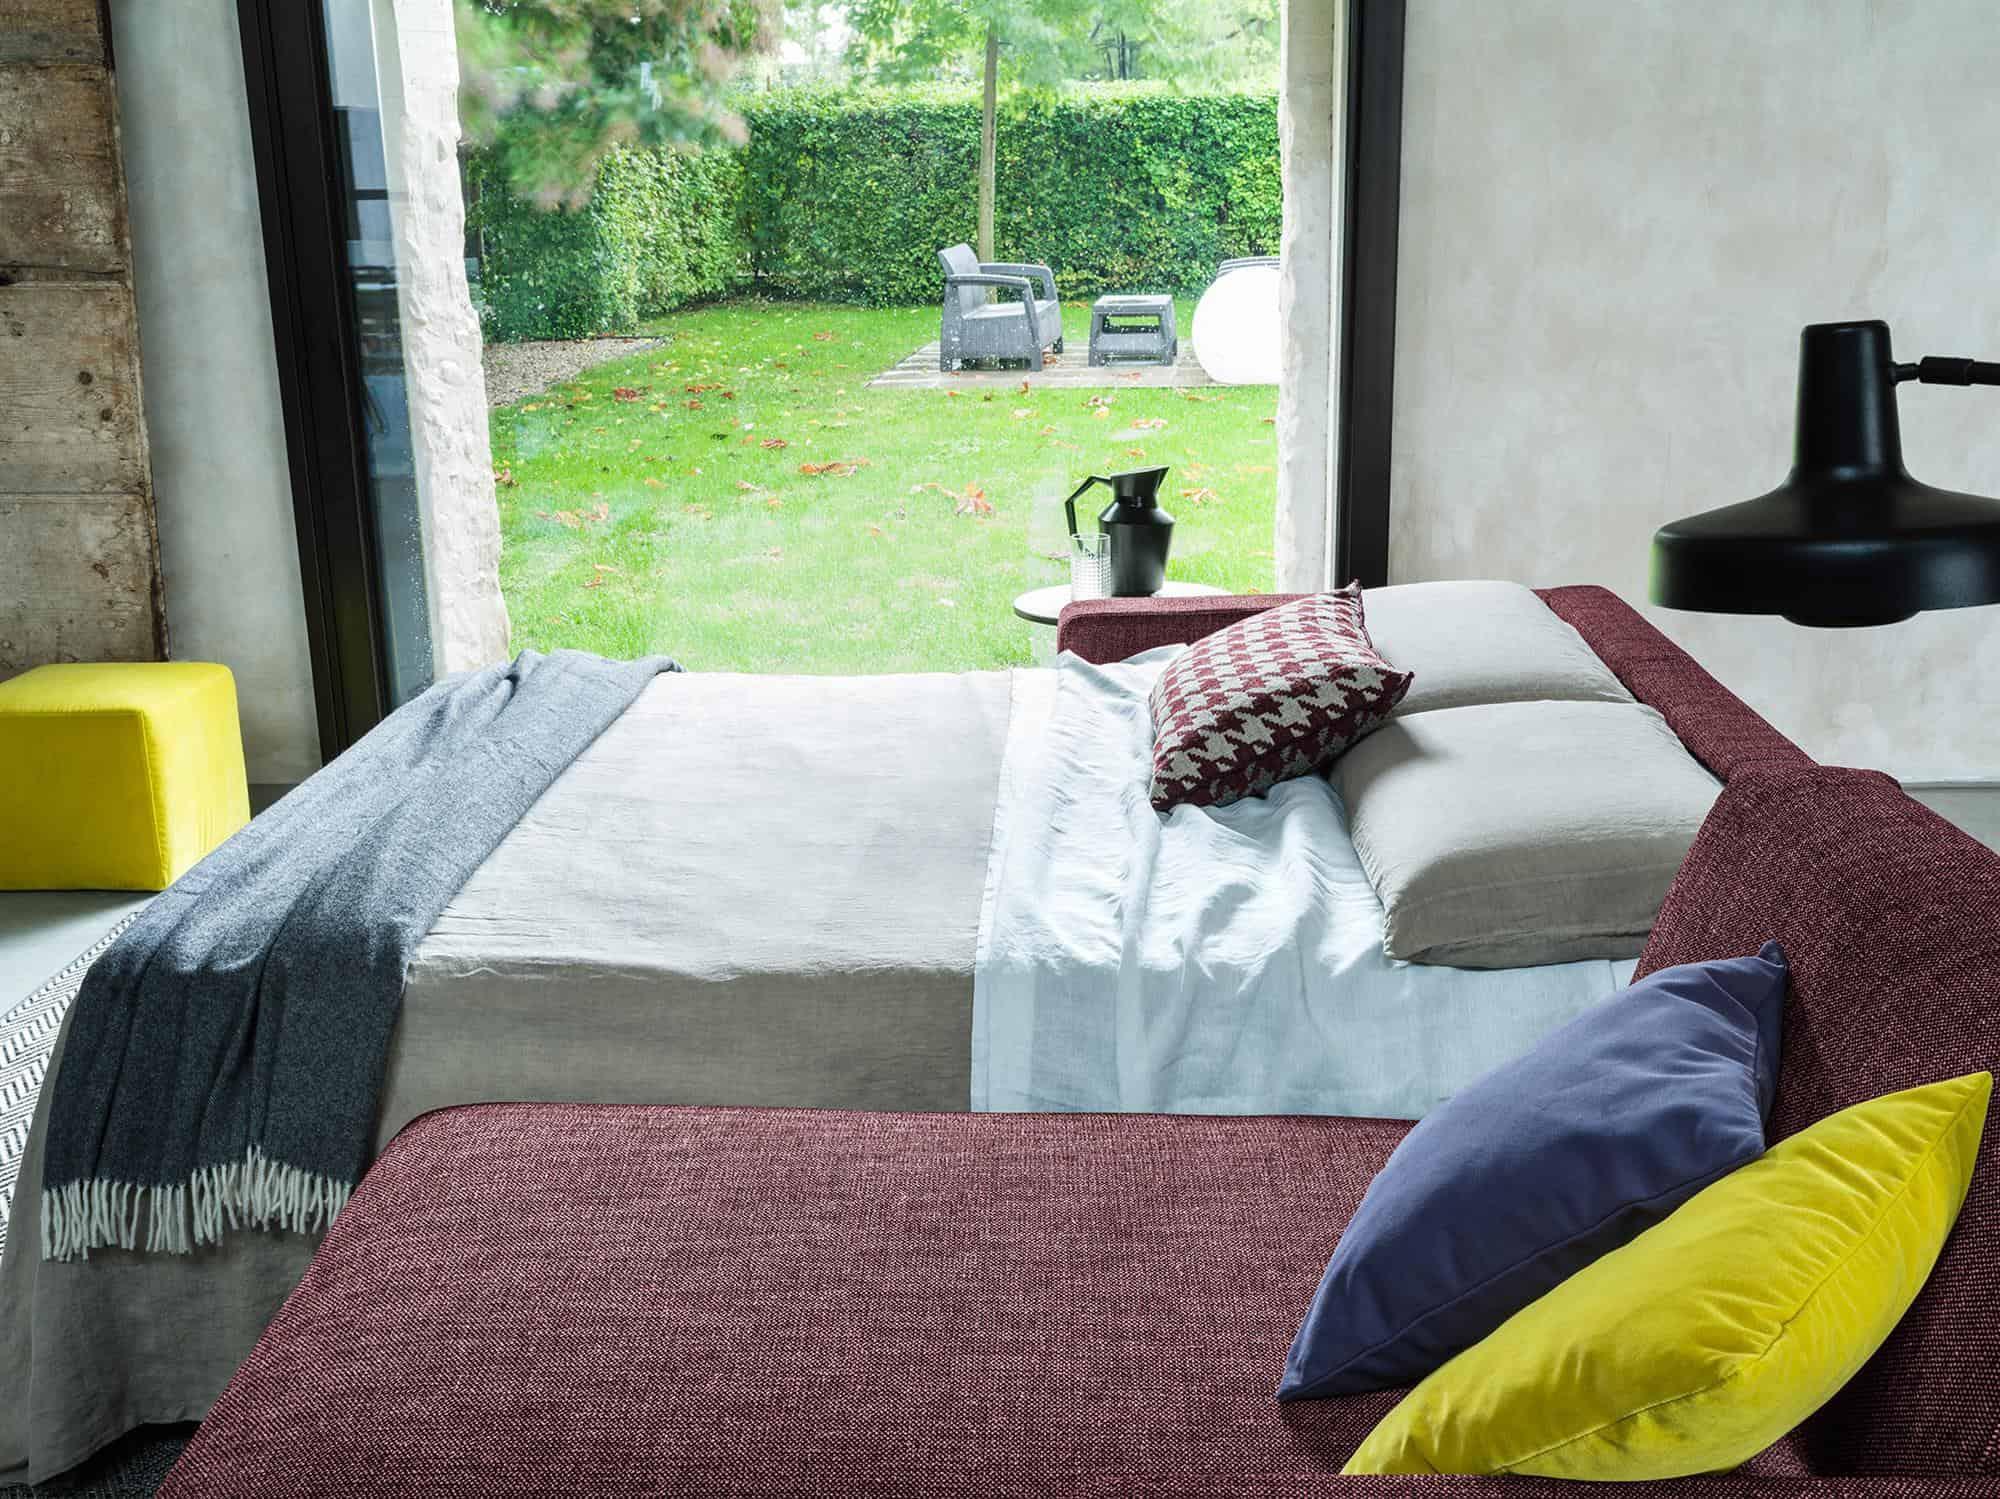 Amerigo large – Facile movimento di apertura del letto senza rimozione dei cuscini, anche su una composizione con chaise longue – 254×166(204) -Tessuto Scacco Granata